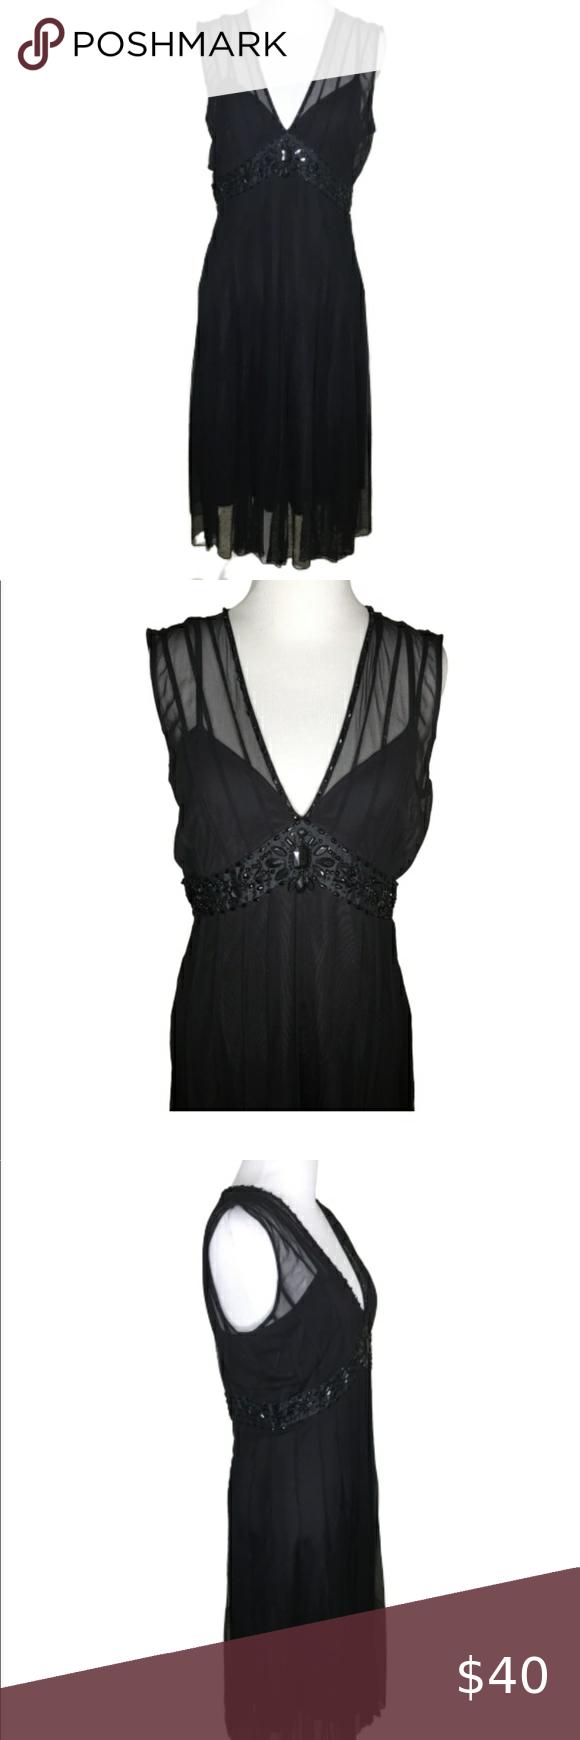 Ixe Black Sheer Overlay Embellish Evening Dress 6 Evening Dresses Dresses Black Sleeveless Dress [ 1740 x 580 Pixel ]